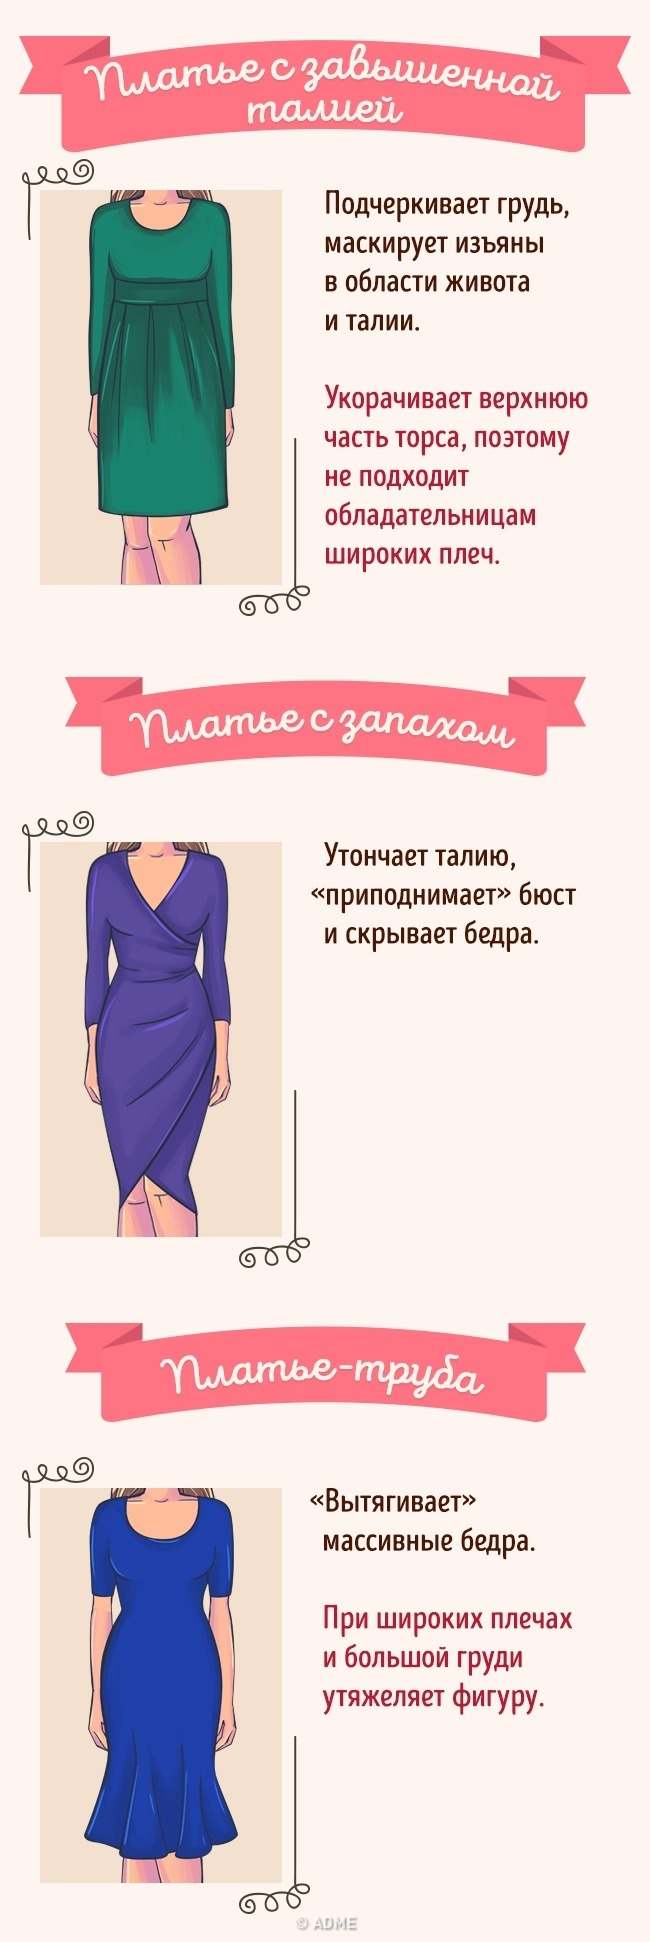 Подобрать одежду по своей фигуре своими руками